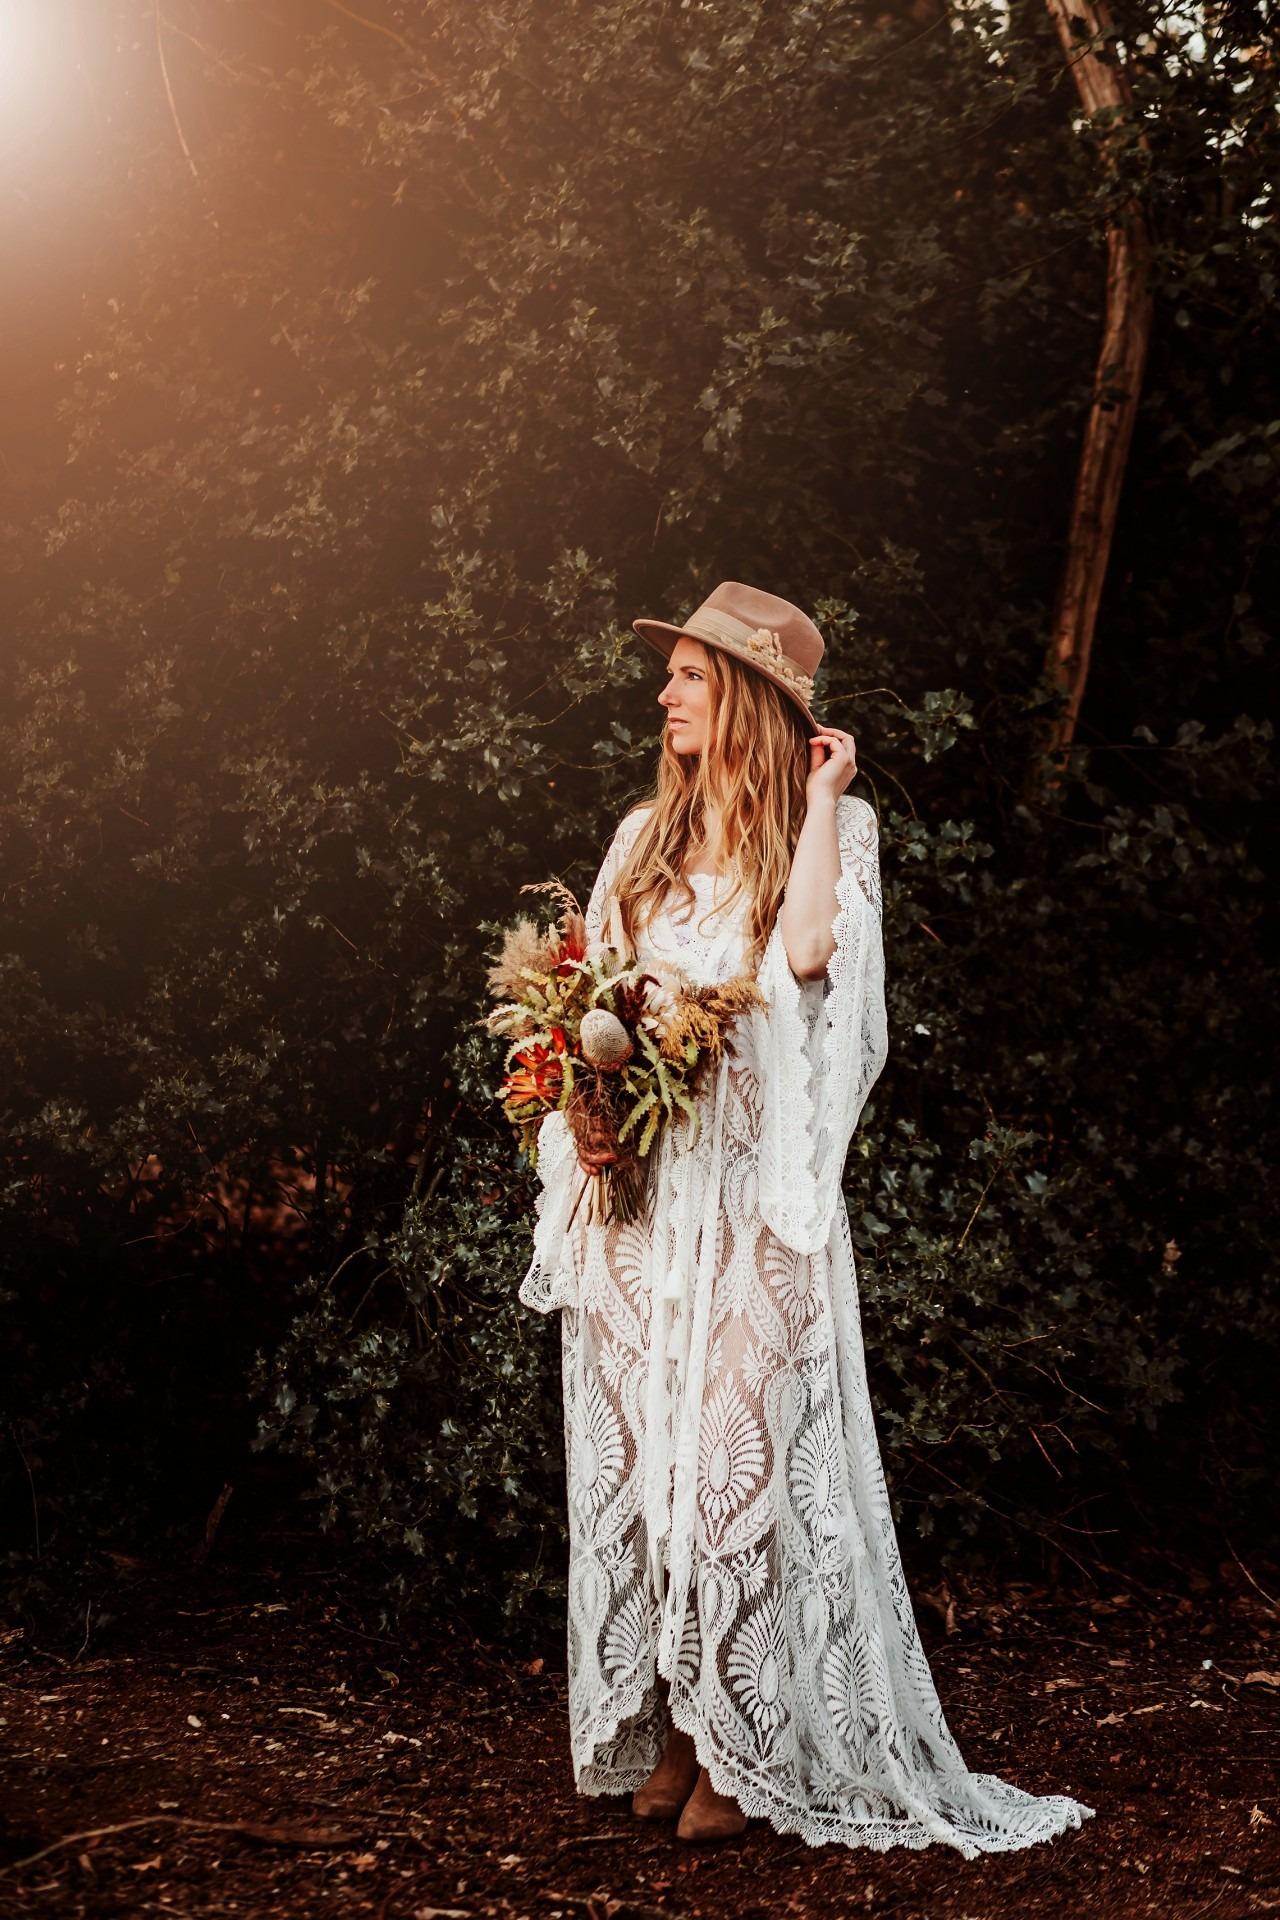 Bohoshoot, Bohemian fotoshoot Elainefotografie